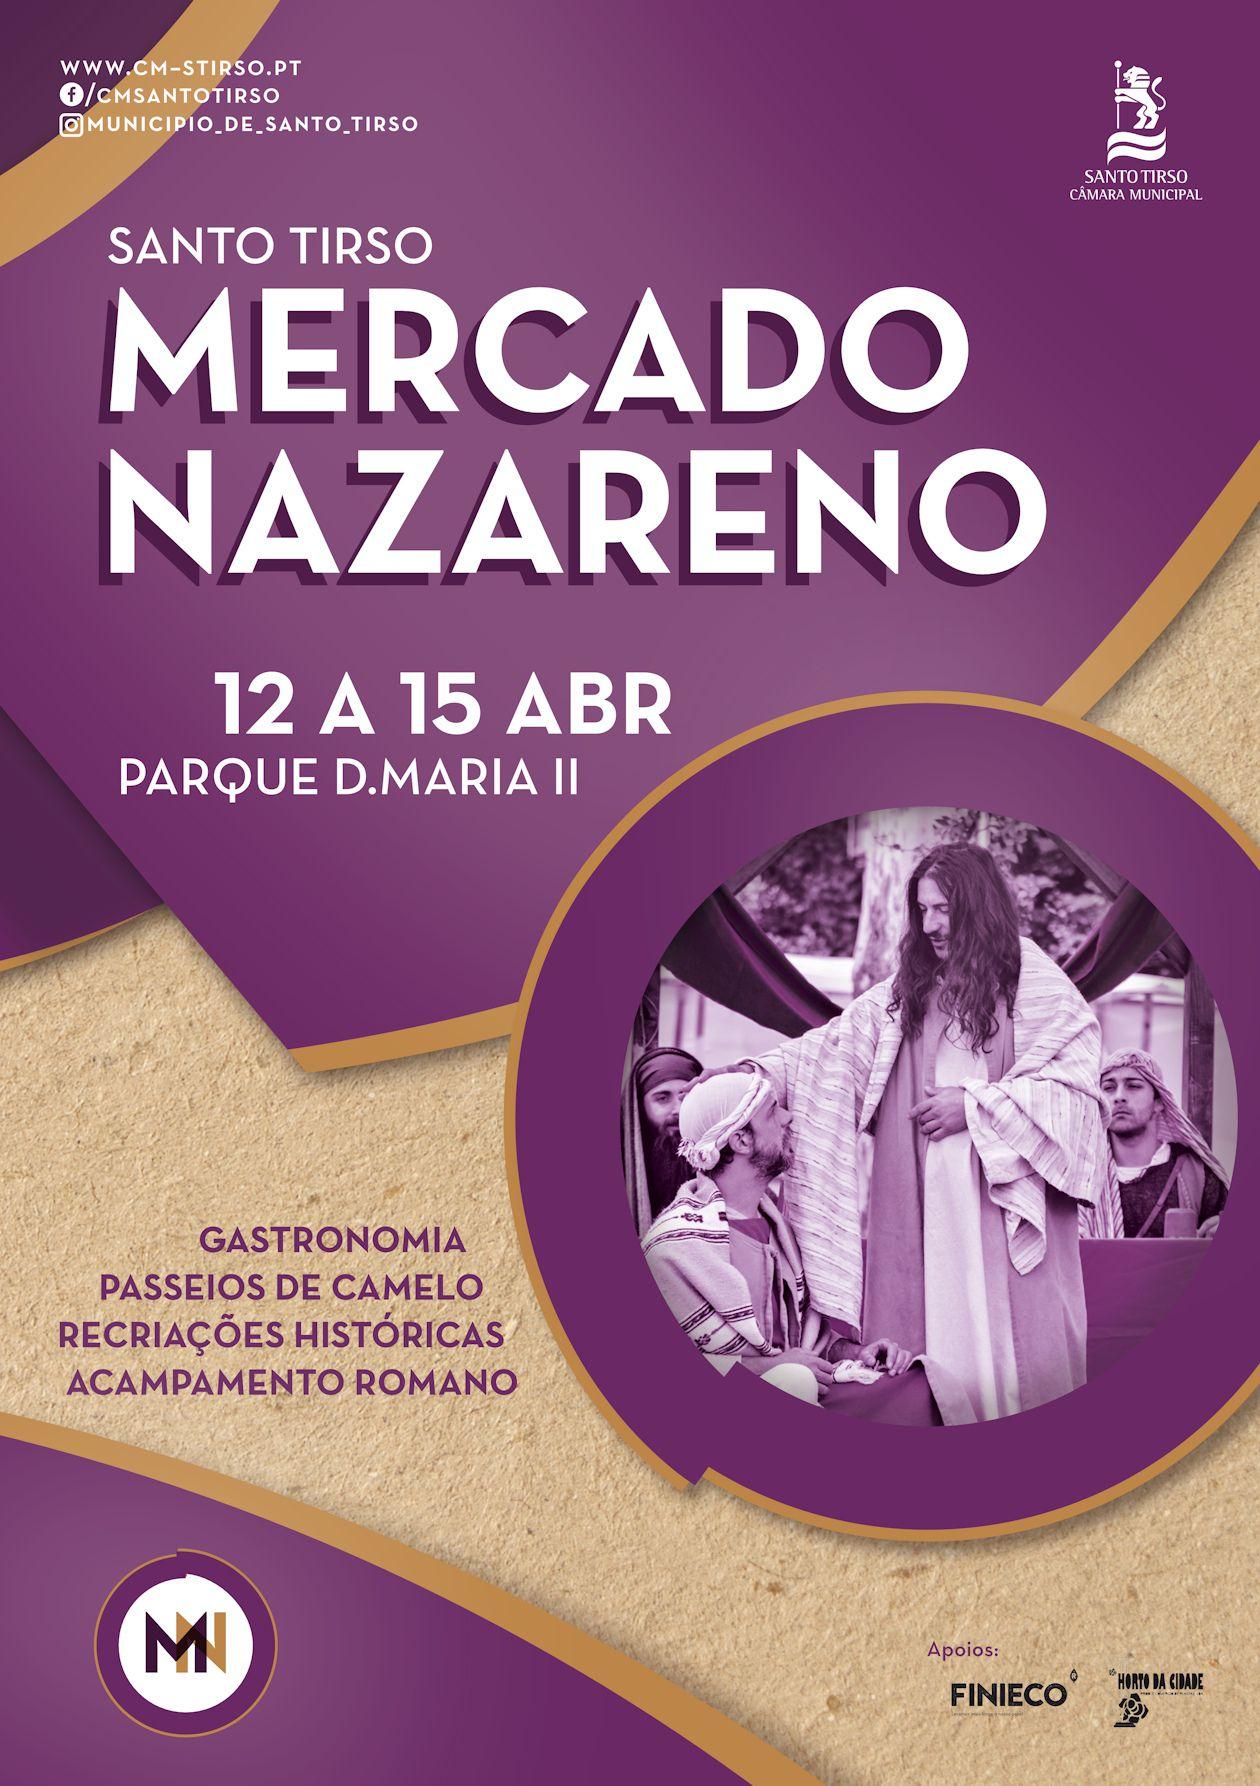 Santo Tirso - Mercado Nazareno